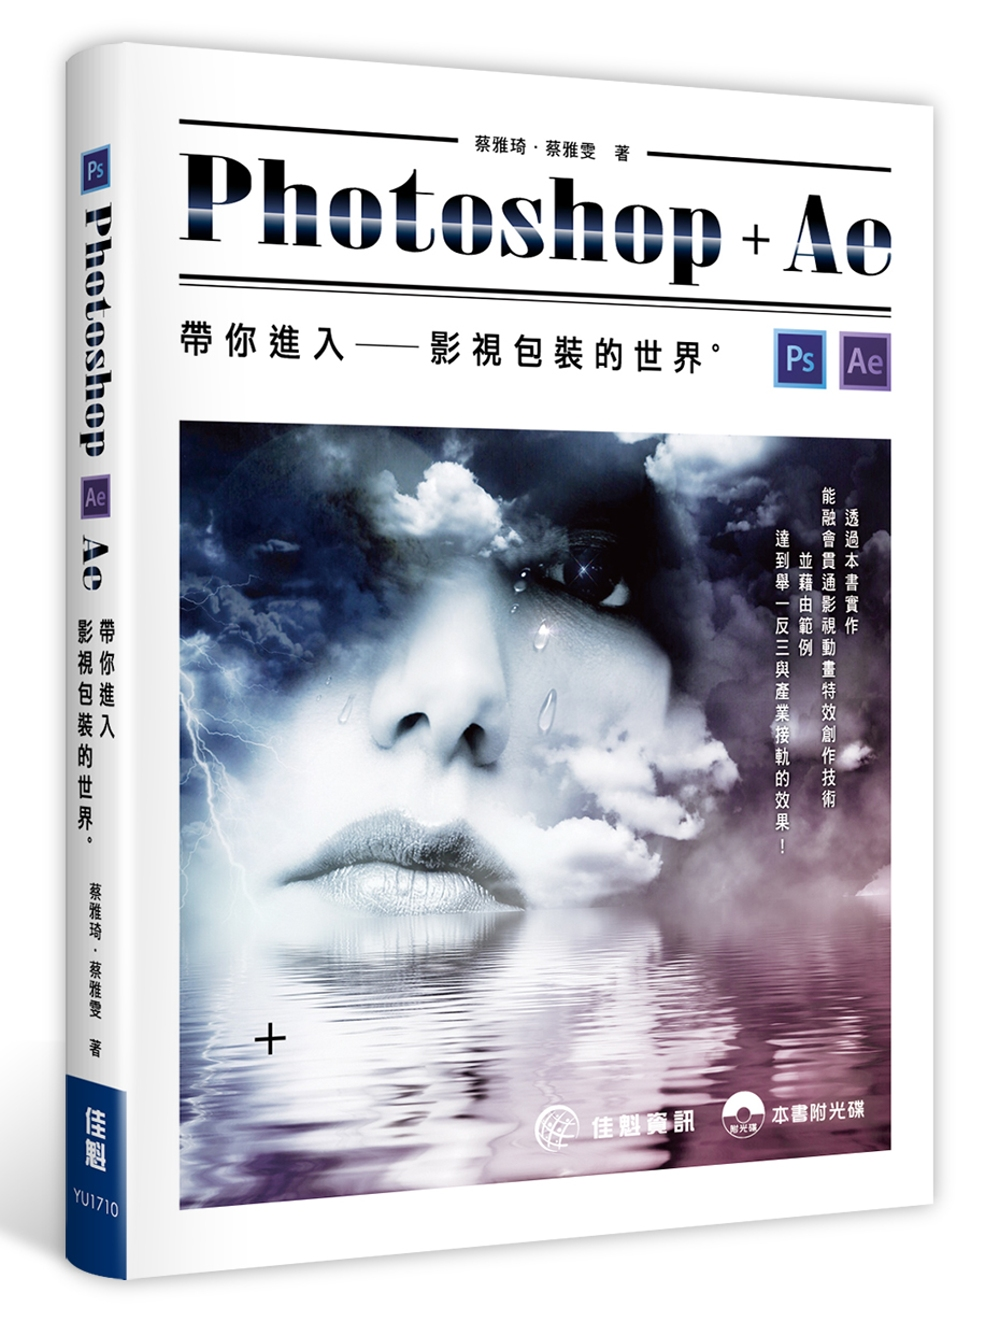 用Photoshop + AE帶你進入影視包裝的世界